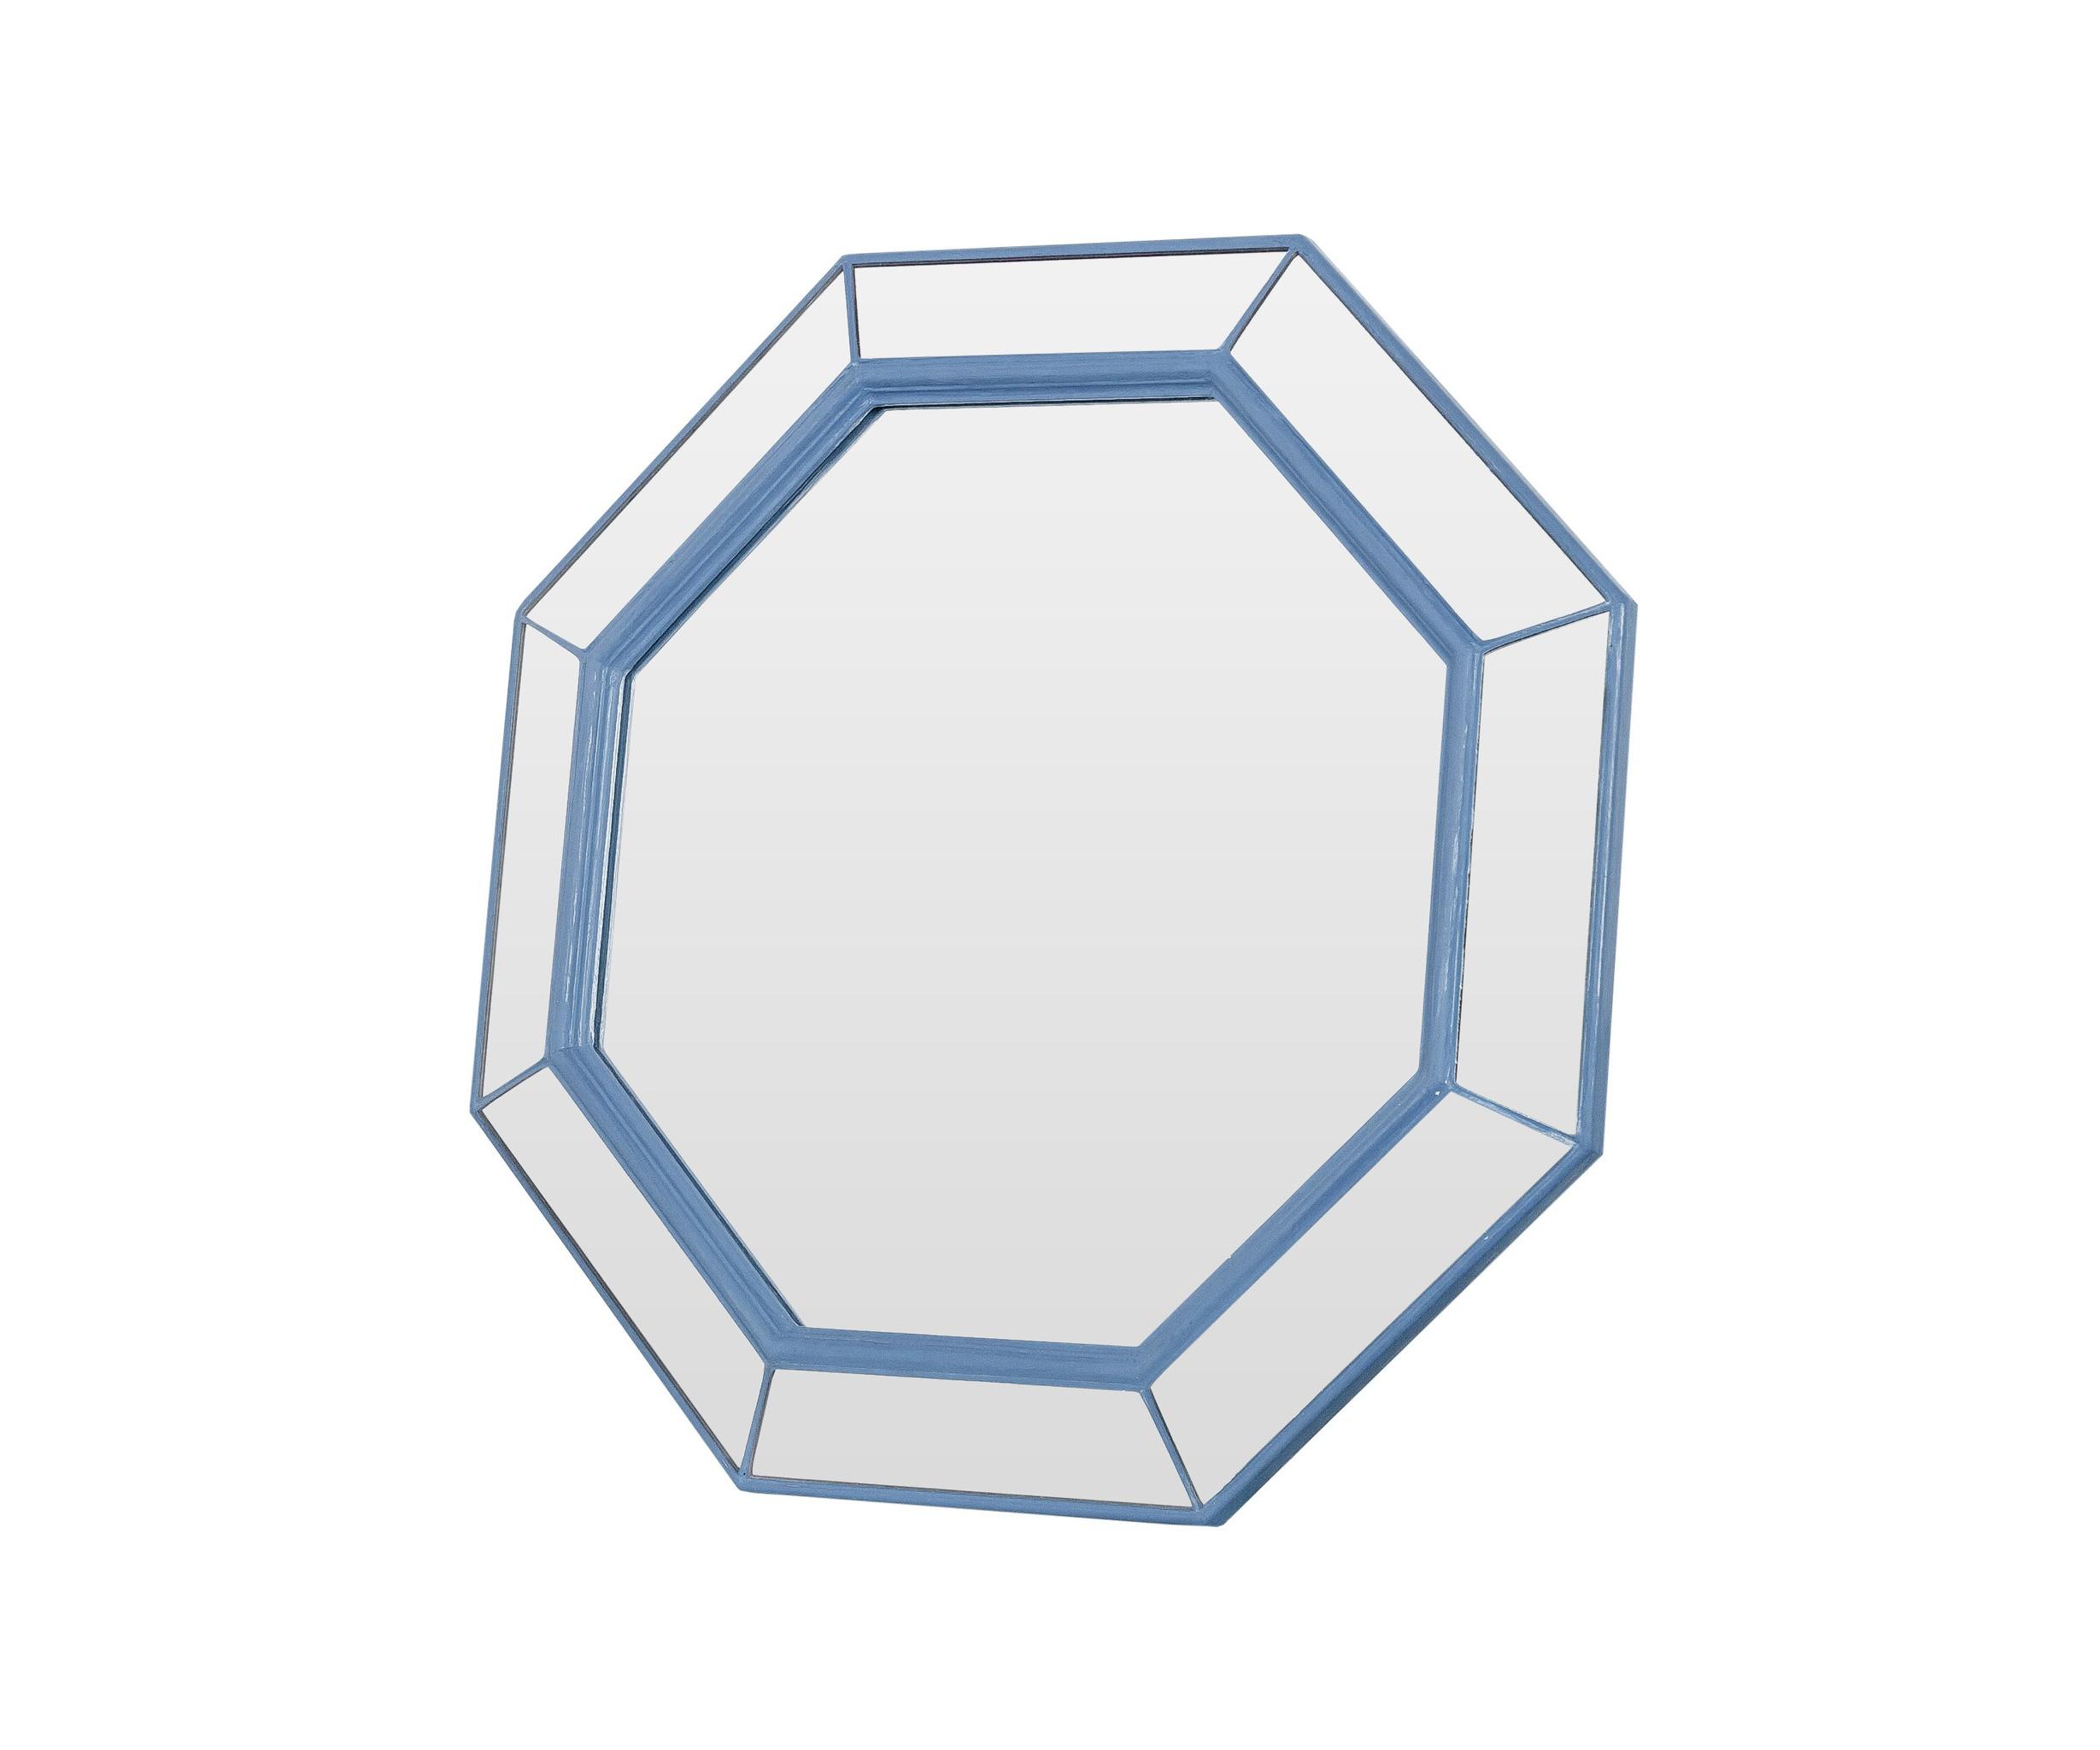 Зеркало ручной работы МорскоеНастенные зеркала<br>Это зеркало создано специально для тех, кто любит яркие детали в интерьере. Оно изготовлено исключительно вручную. Оригинальная форма и нежно-голубой контур добавят в интерьер вашего дома приятных эмоций, а внушительный размер сделает его центральным элементом дизайнерской композиции.&amp;amp;nbsp;&amp;lt;div&amp;gt;&amp;lt;br&amp;gt;&amp;lt;/div&amp;gt;&amp;lt;div&amp;gt;Материалы: основа - массив дерева; рама - натуральное дерево; зеркальное полотно - классическое зеркало серебряной амальгамы.&amp;lt;/div&amp;gt;<br><br>Material: Дерево<br>Width см: 59<br>Depth см: 5<br>Height см: 59